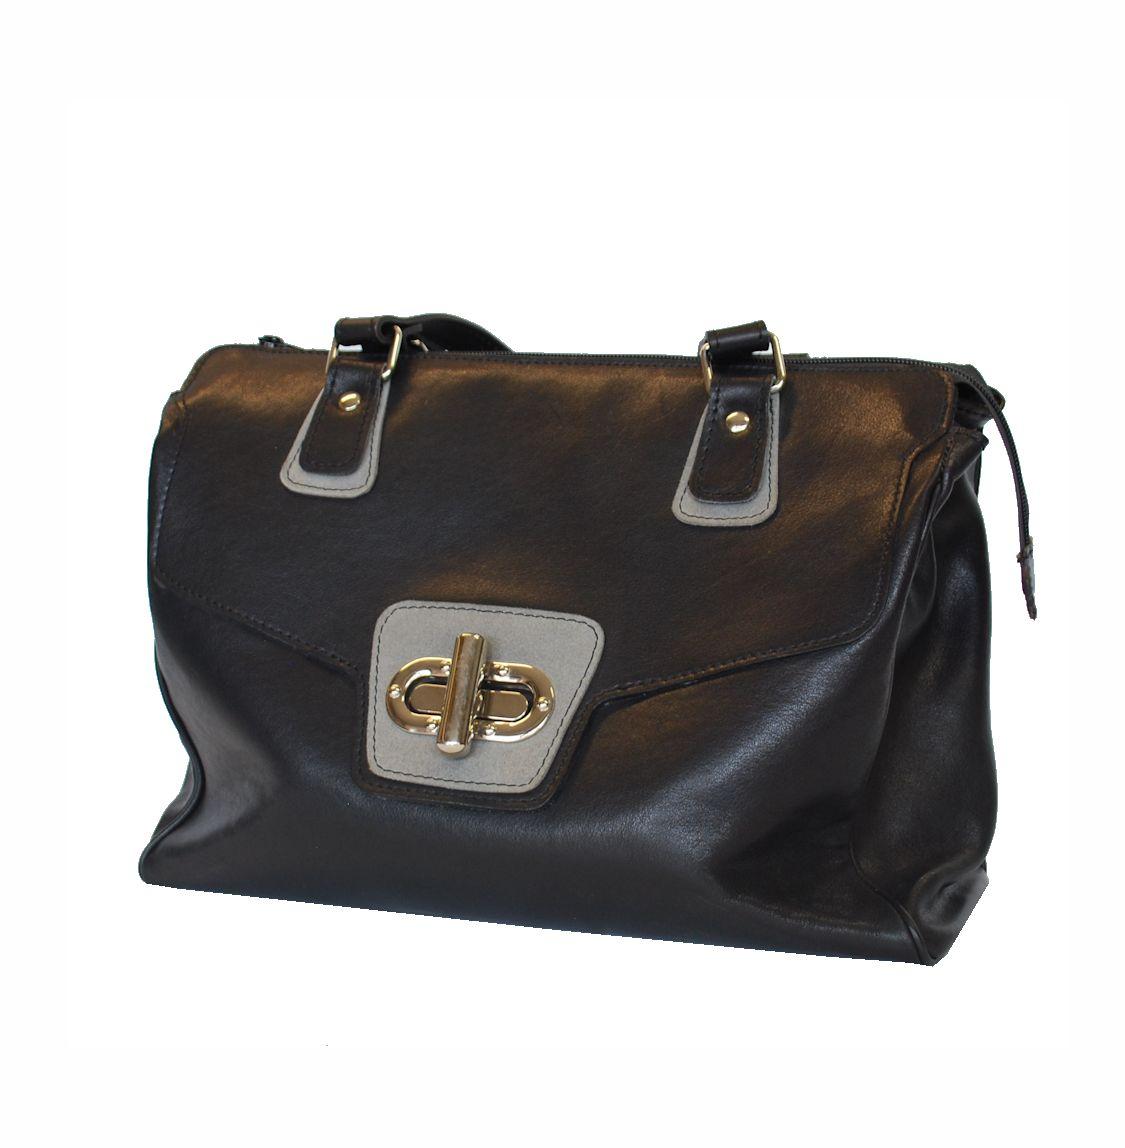 Luxusná dámska kožená kabelka č.8578 v šedo čiernej farbe 67ed554bbb2